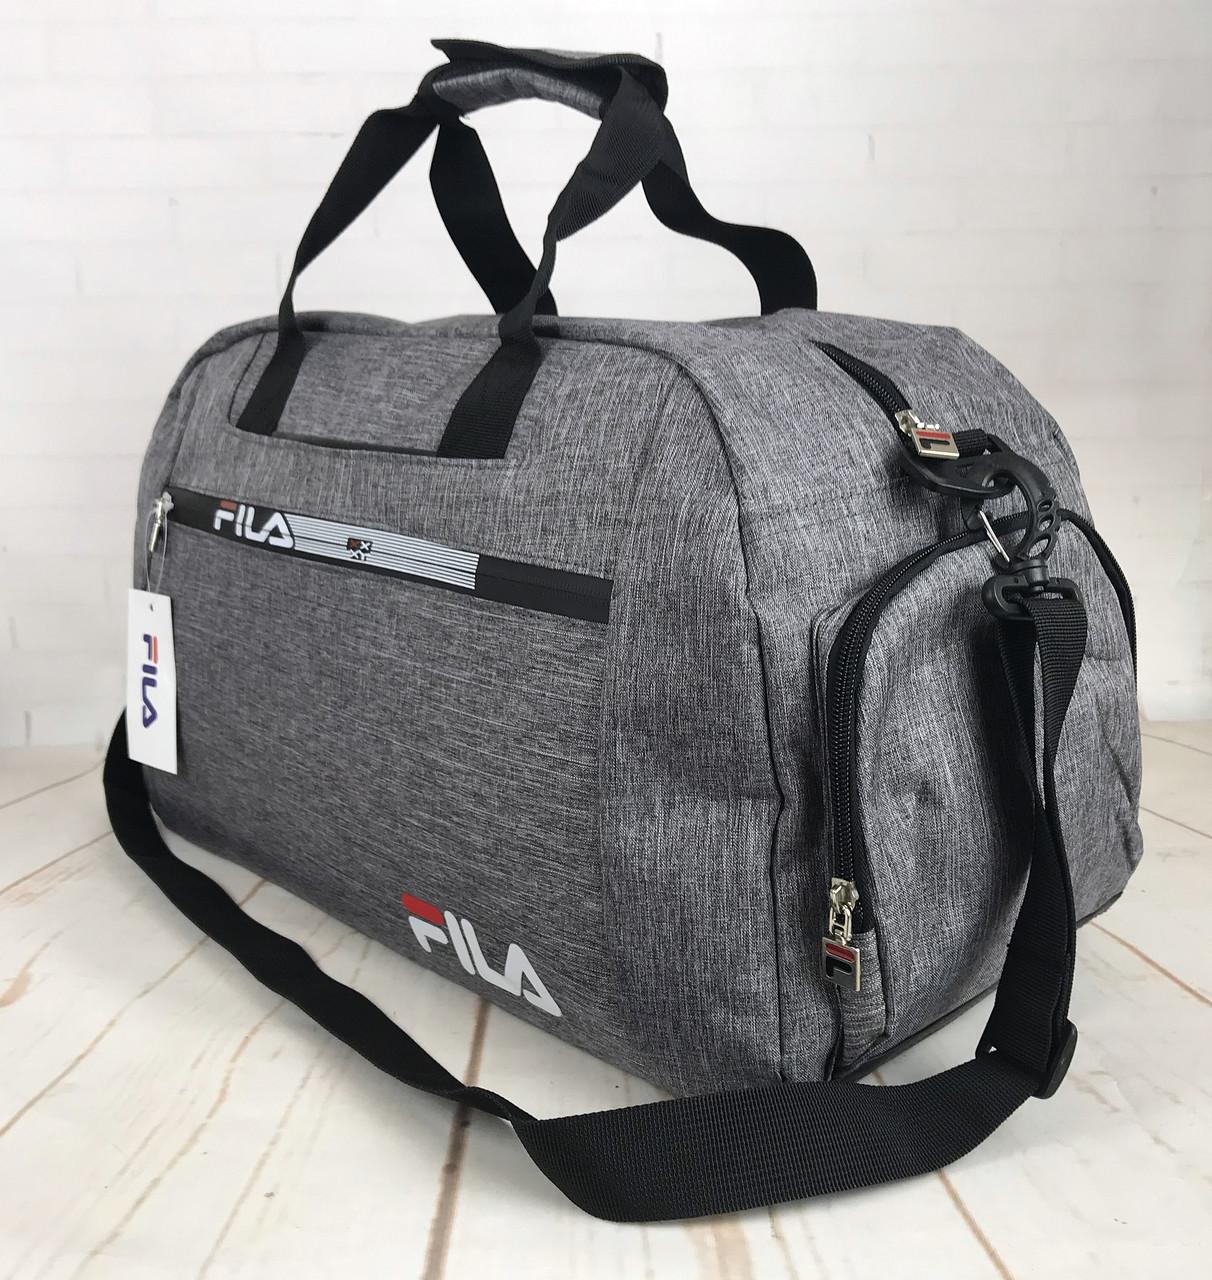 884badbf ... Красивая спортивная сумка Fila.Сумка для тренировок. Дорожная сумка  КСС29, фото 4 ...